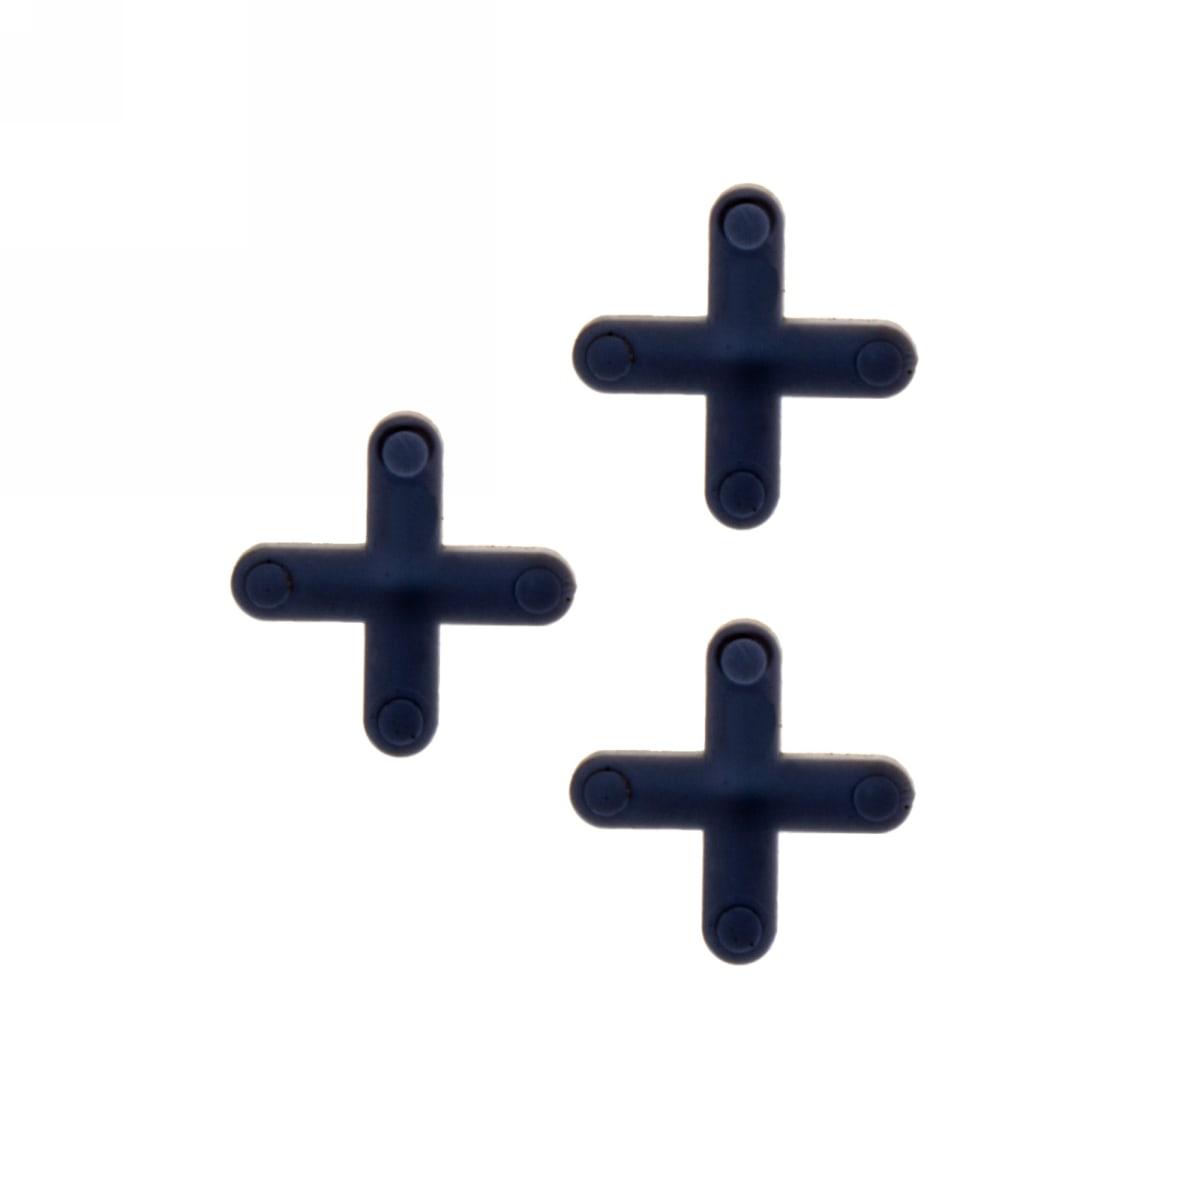 Крестики для кафельной плитки, 5 мм, 60 шт.